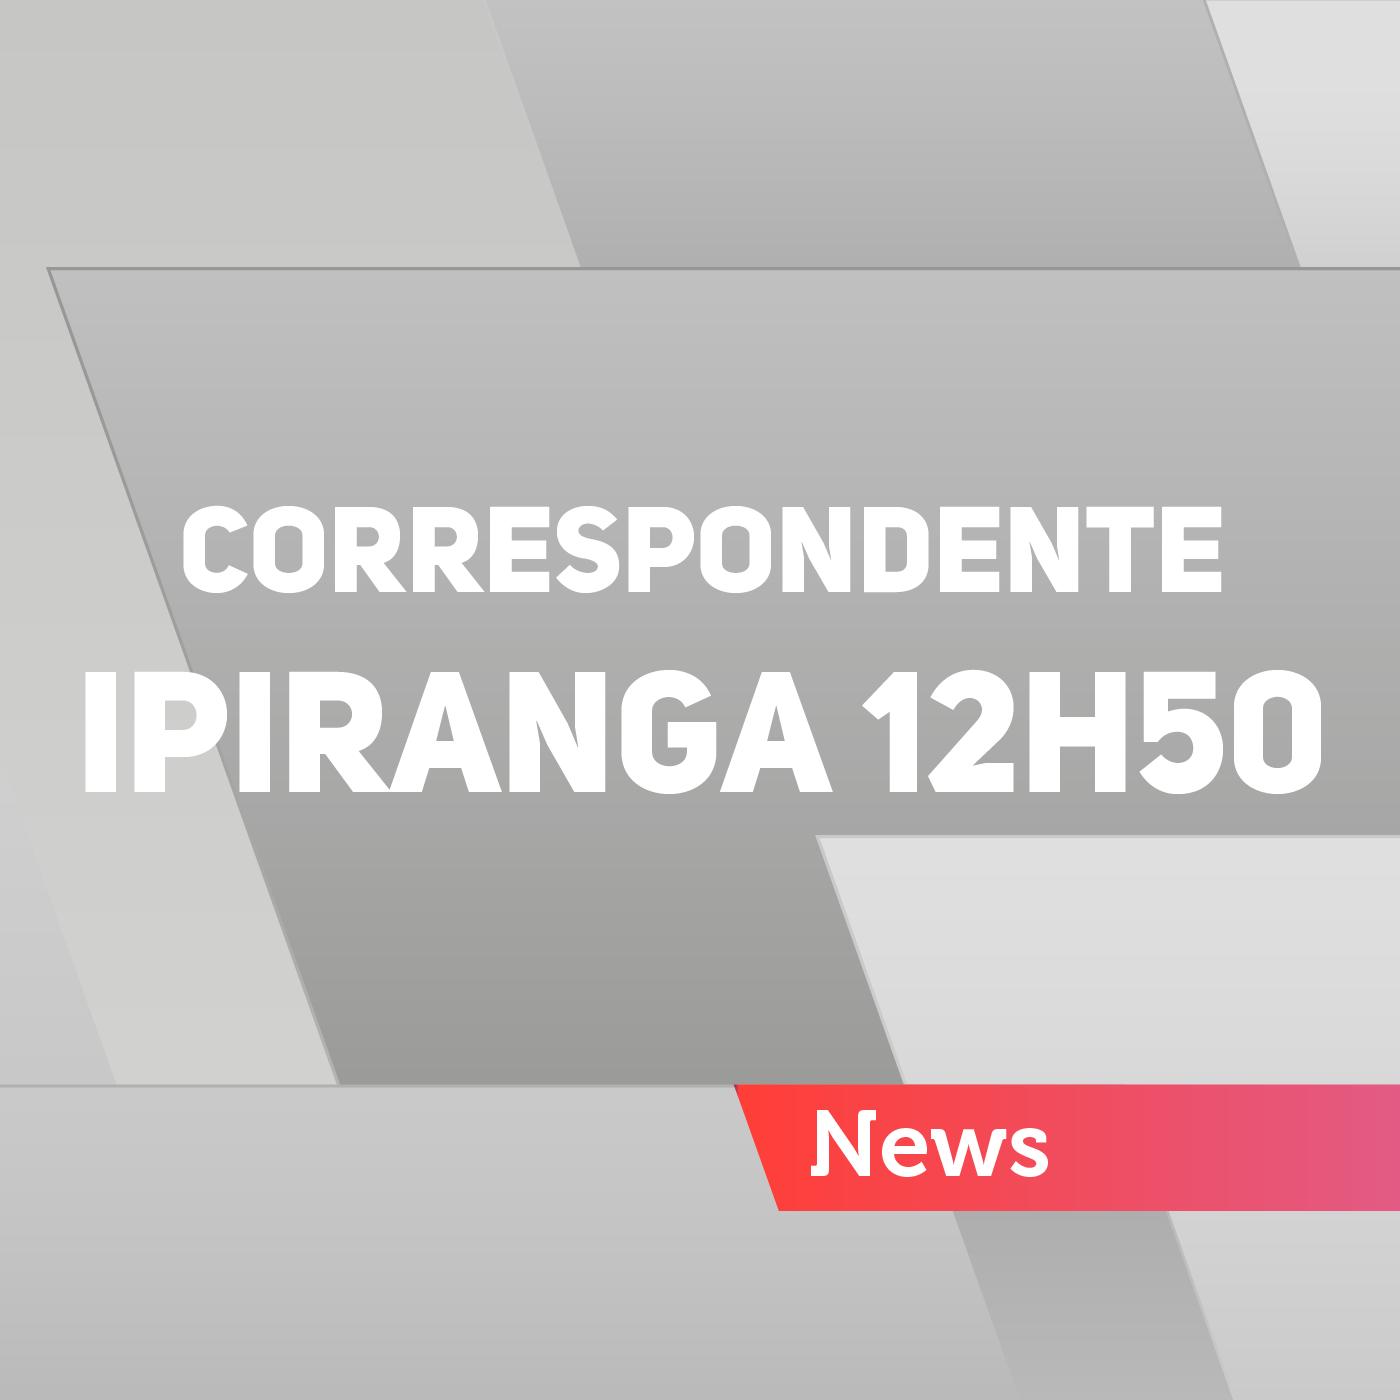 Correspondente Ipiranga 12h50 – 25/06/2017